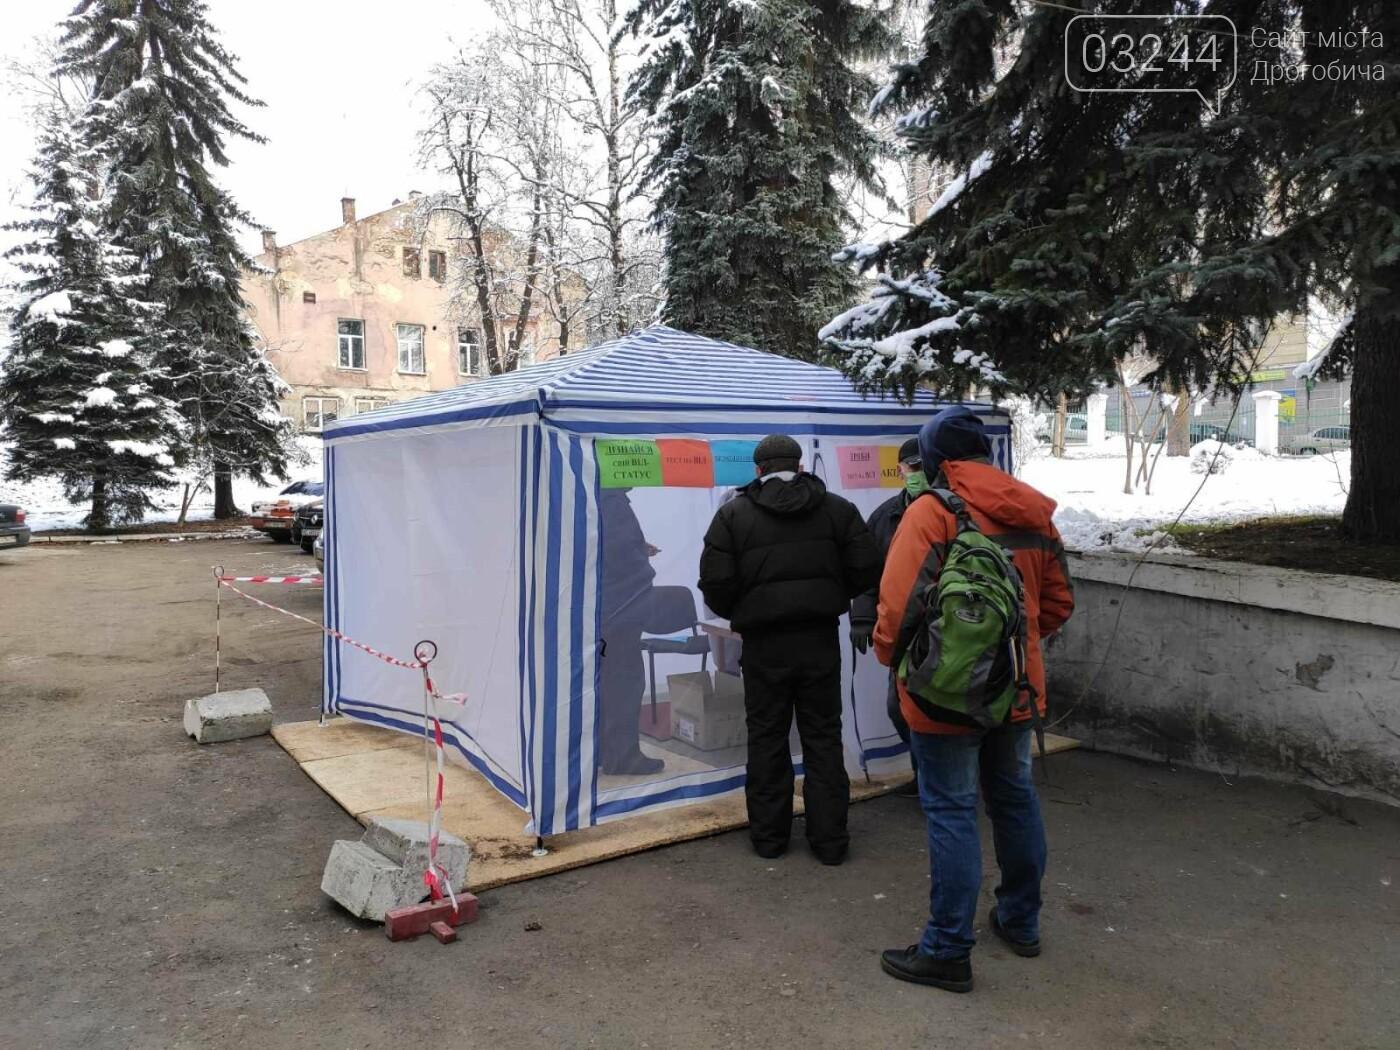 У Дрогобичі сьогодні безкоштовно тестували на ВІЛ-інфекцію. У 2 осіб виявили позитивний результат, фото-2